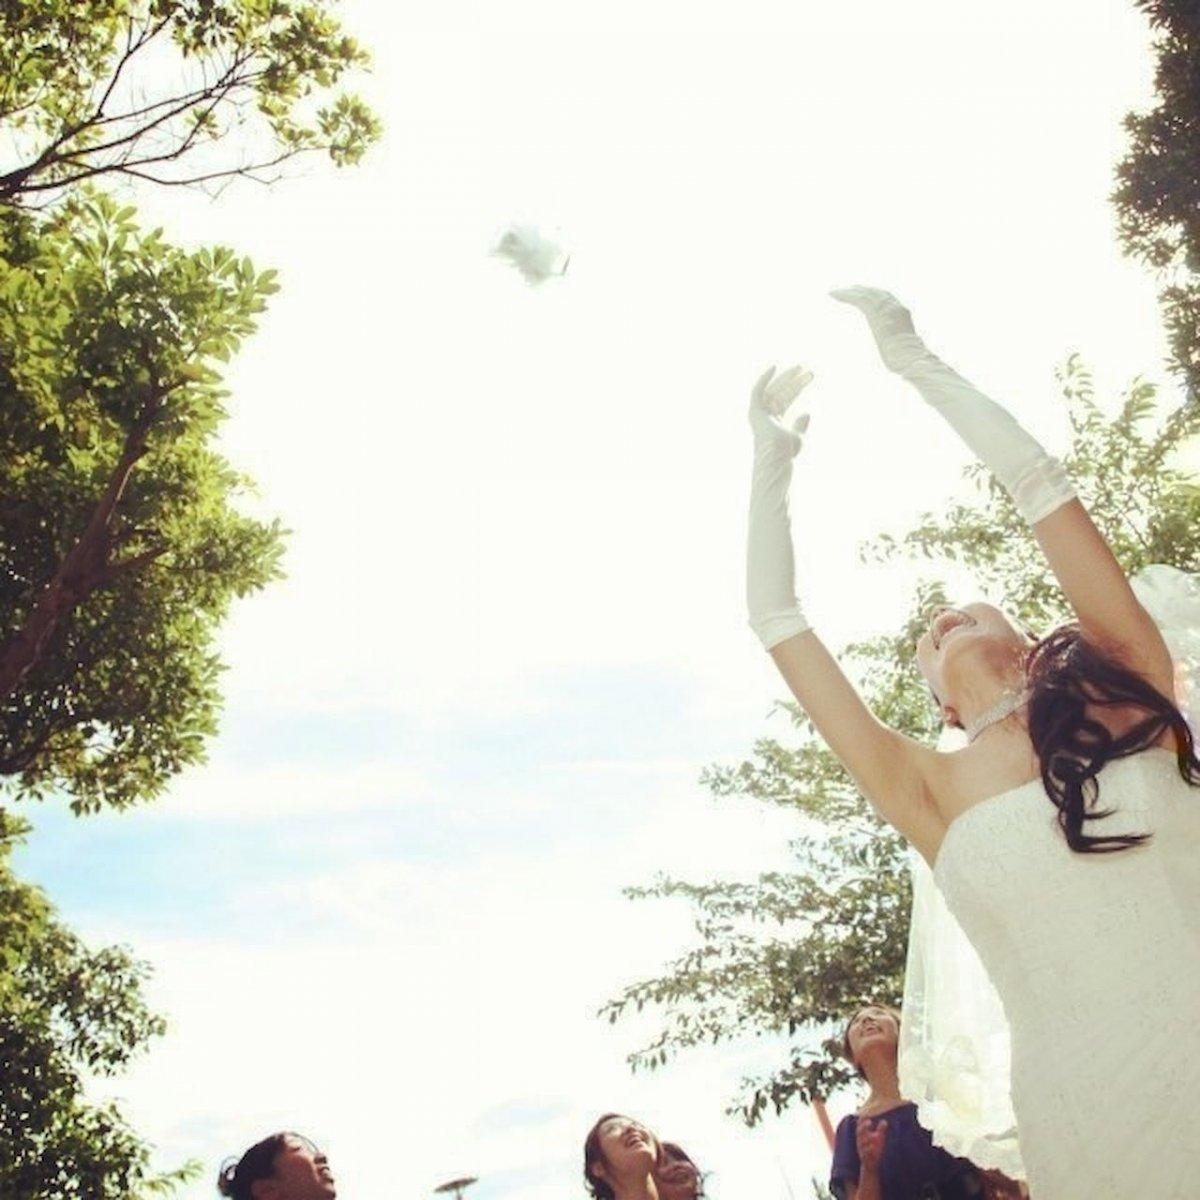 19 fotos impressionantes mostram como são diferentes os casamentos em todo o mundo 14